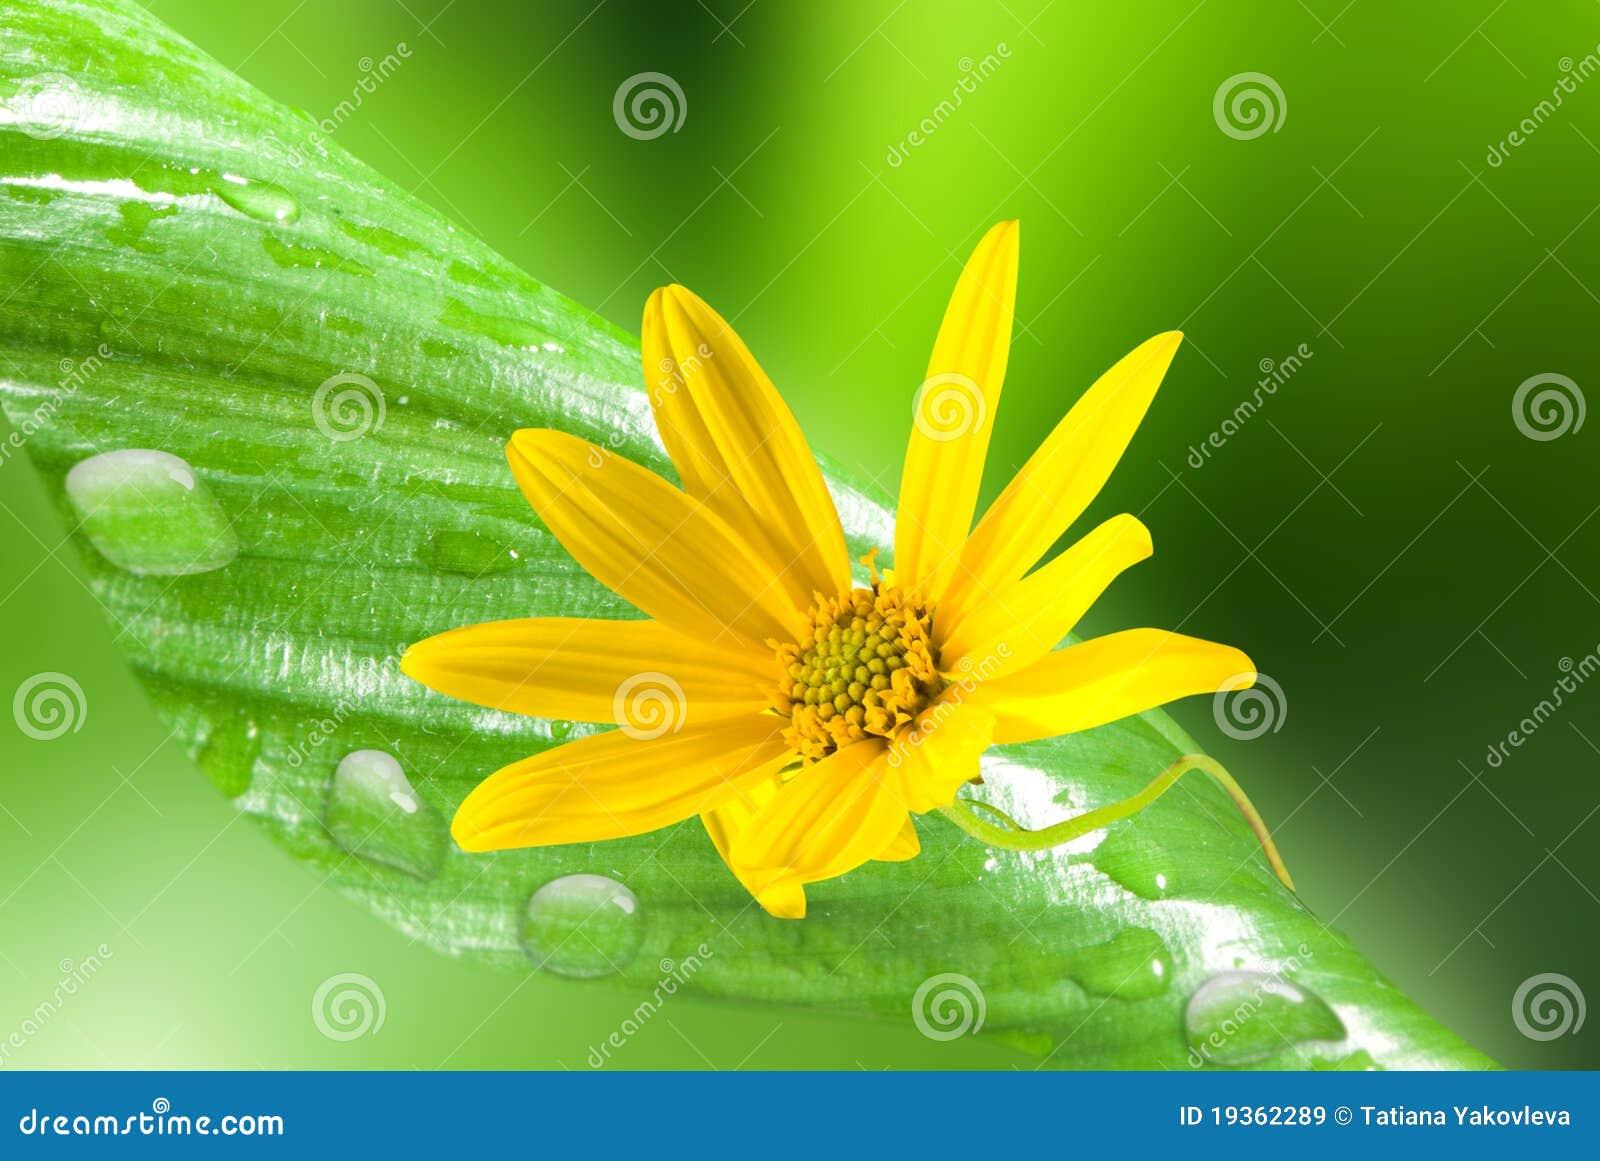 Folha e flor